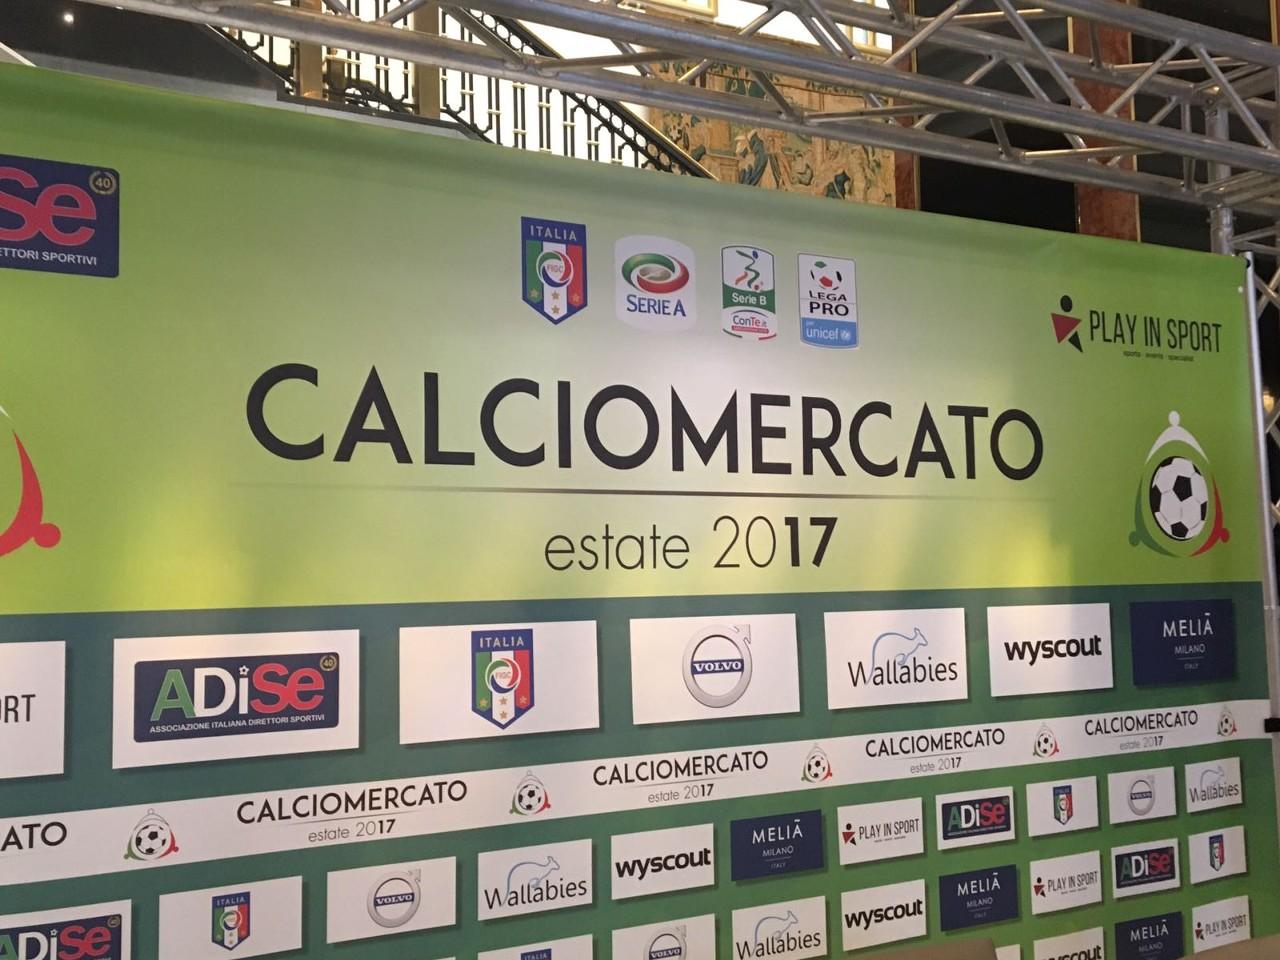 Tabella Calciomercato Serie A 2017/18: acquisti e cessioni